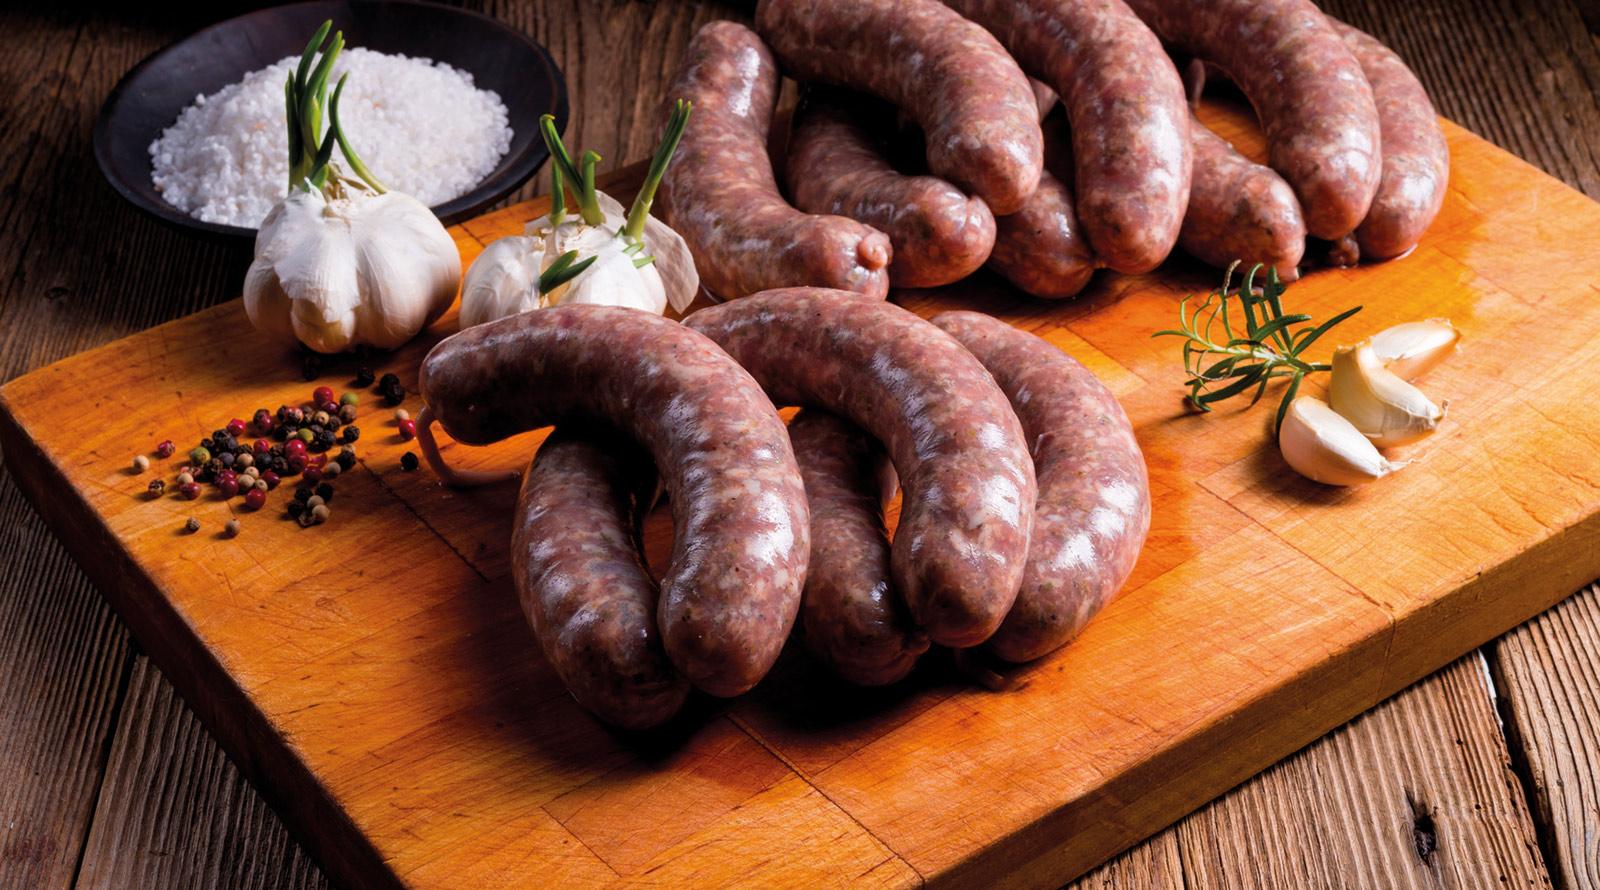 Grillfleisch am Sonntag in Düsseldorf kaufen